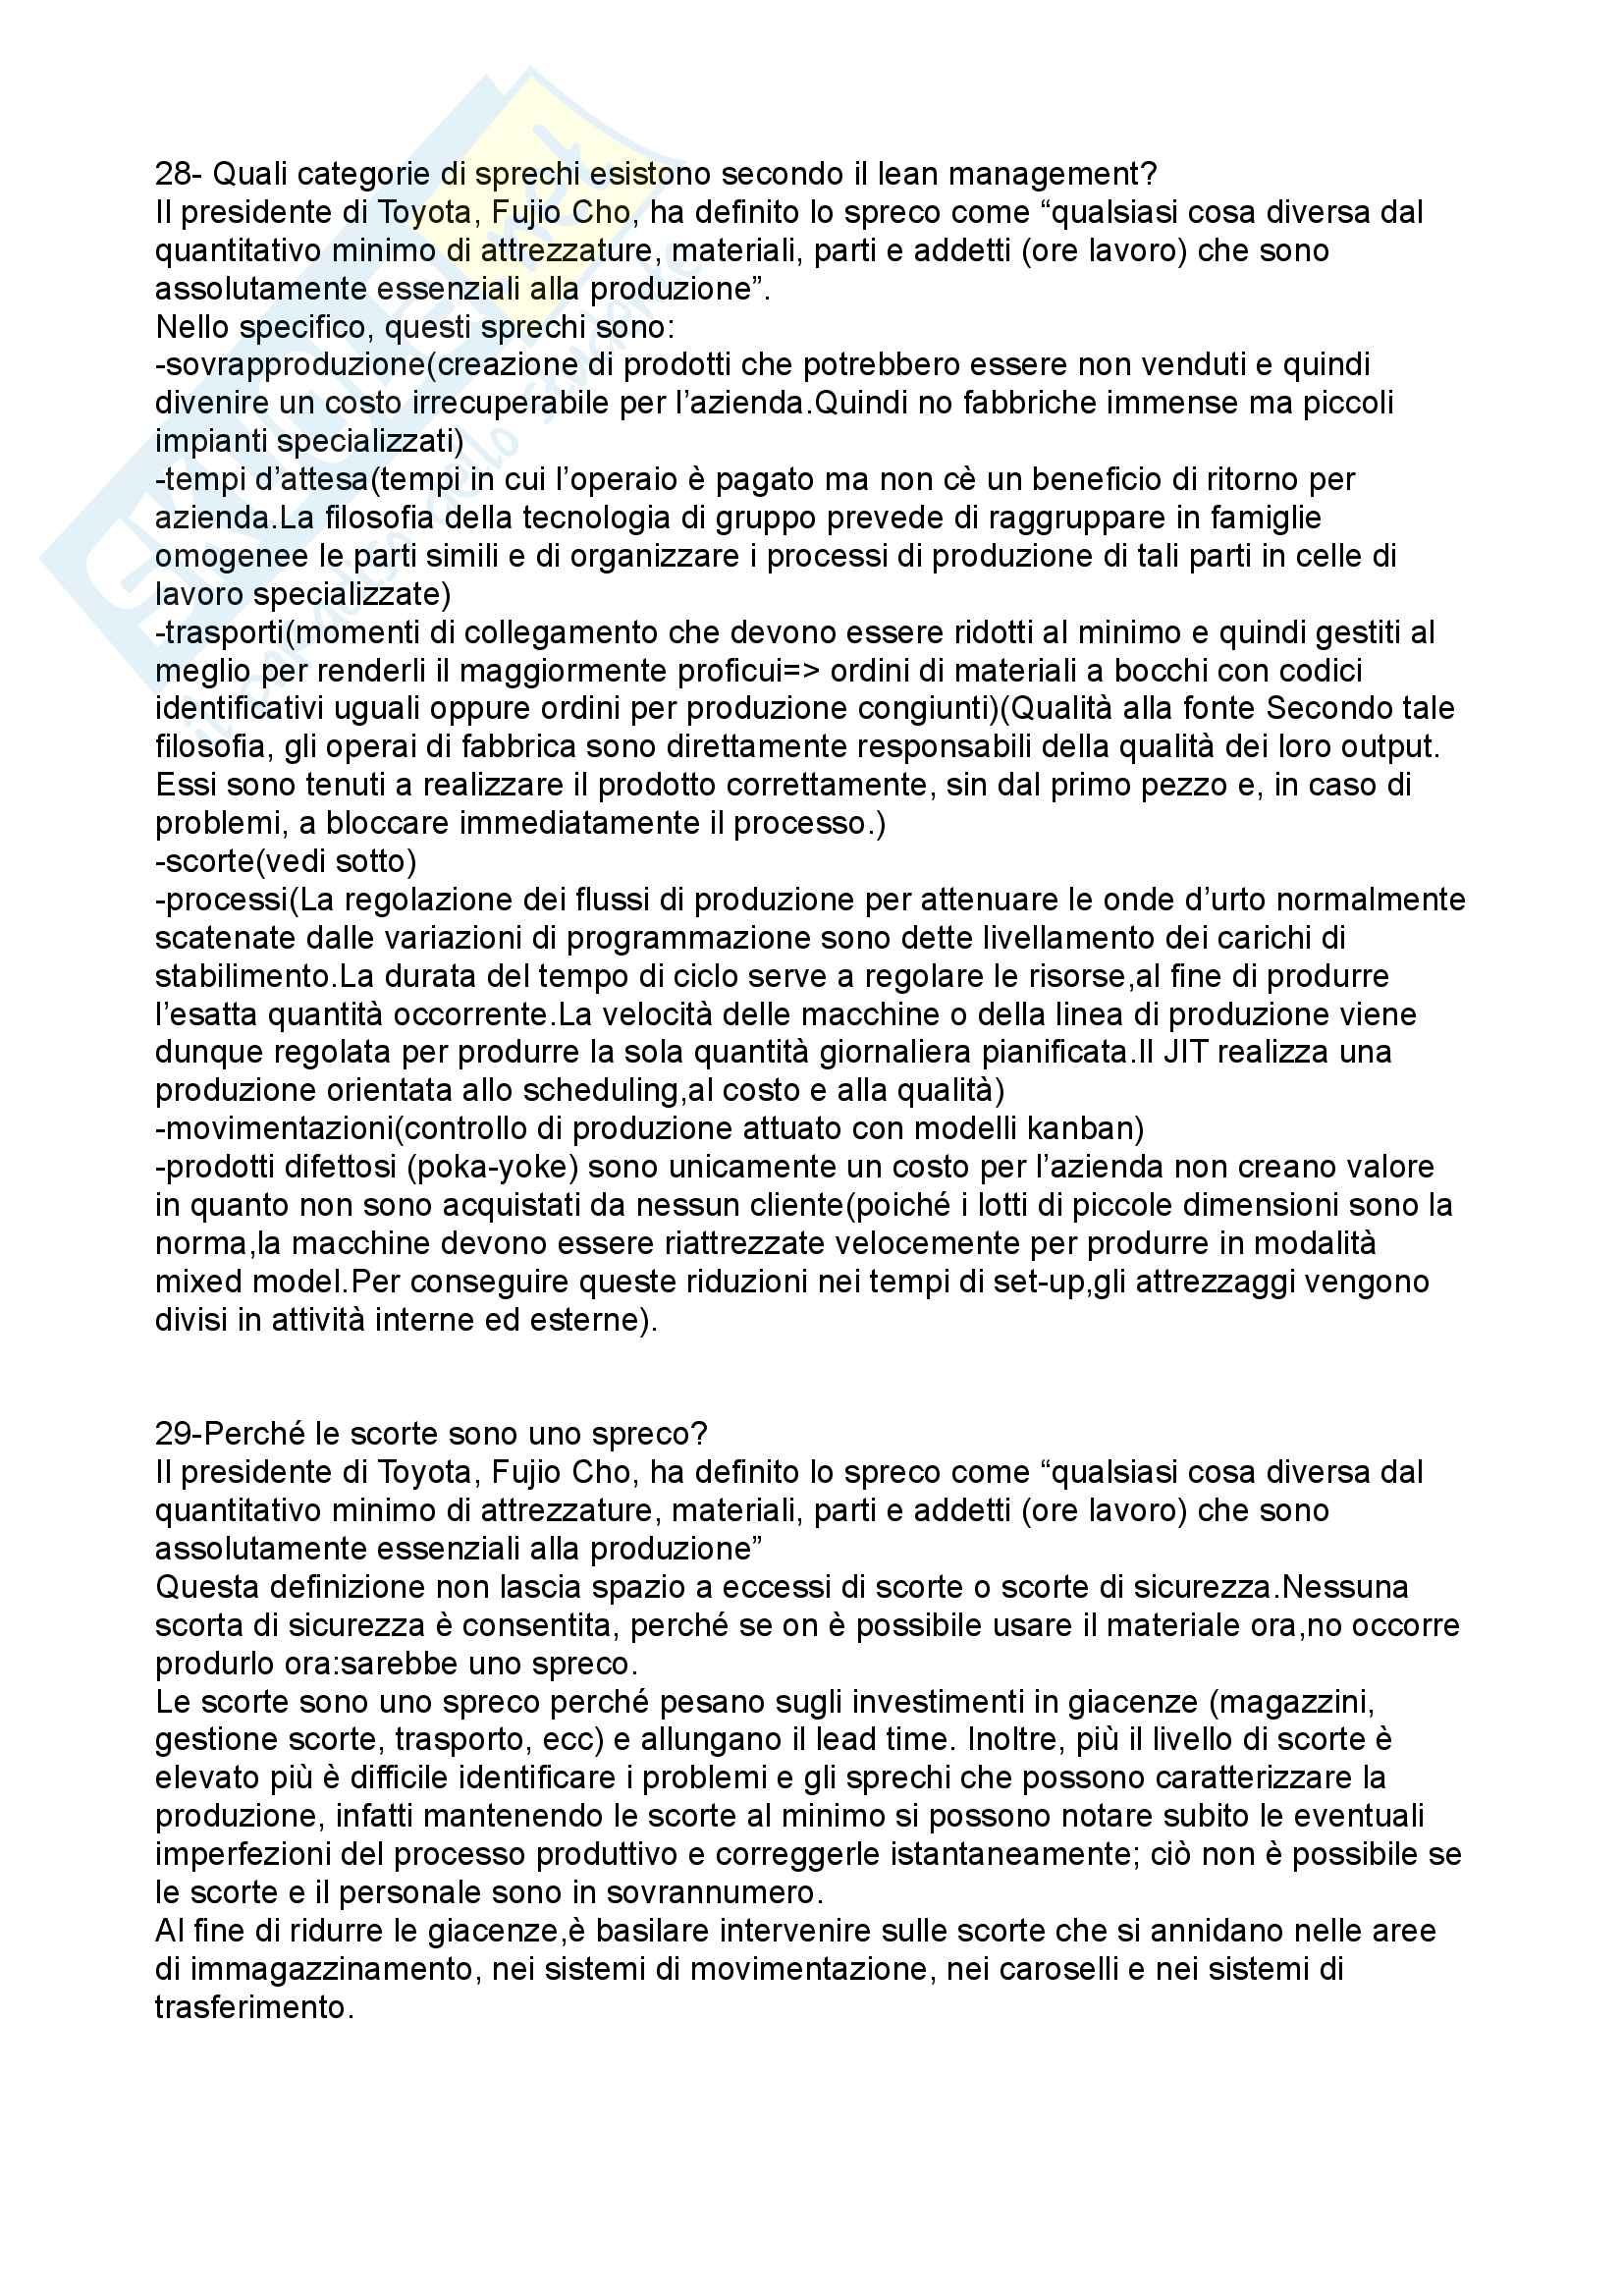 Economia e Gestione delle imprese - Domande e risposte esame Pag. 16